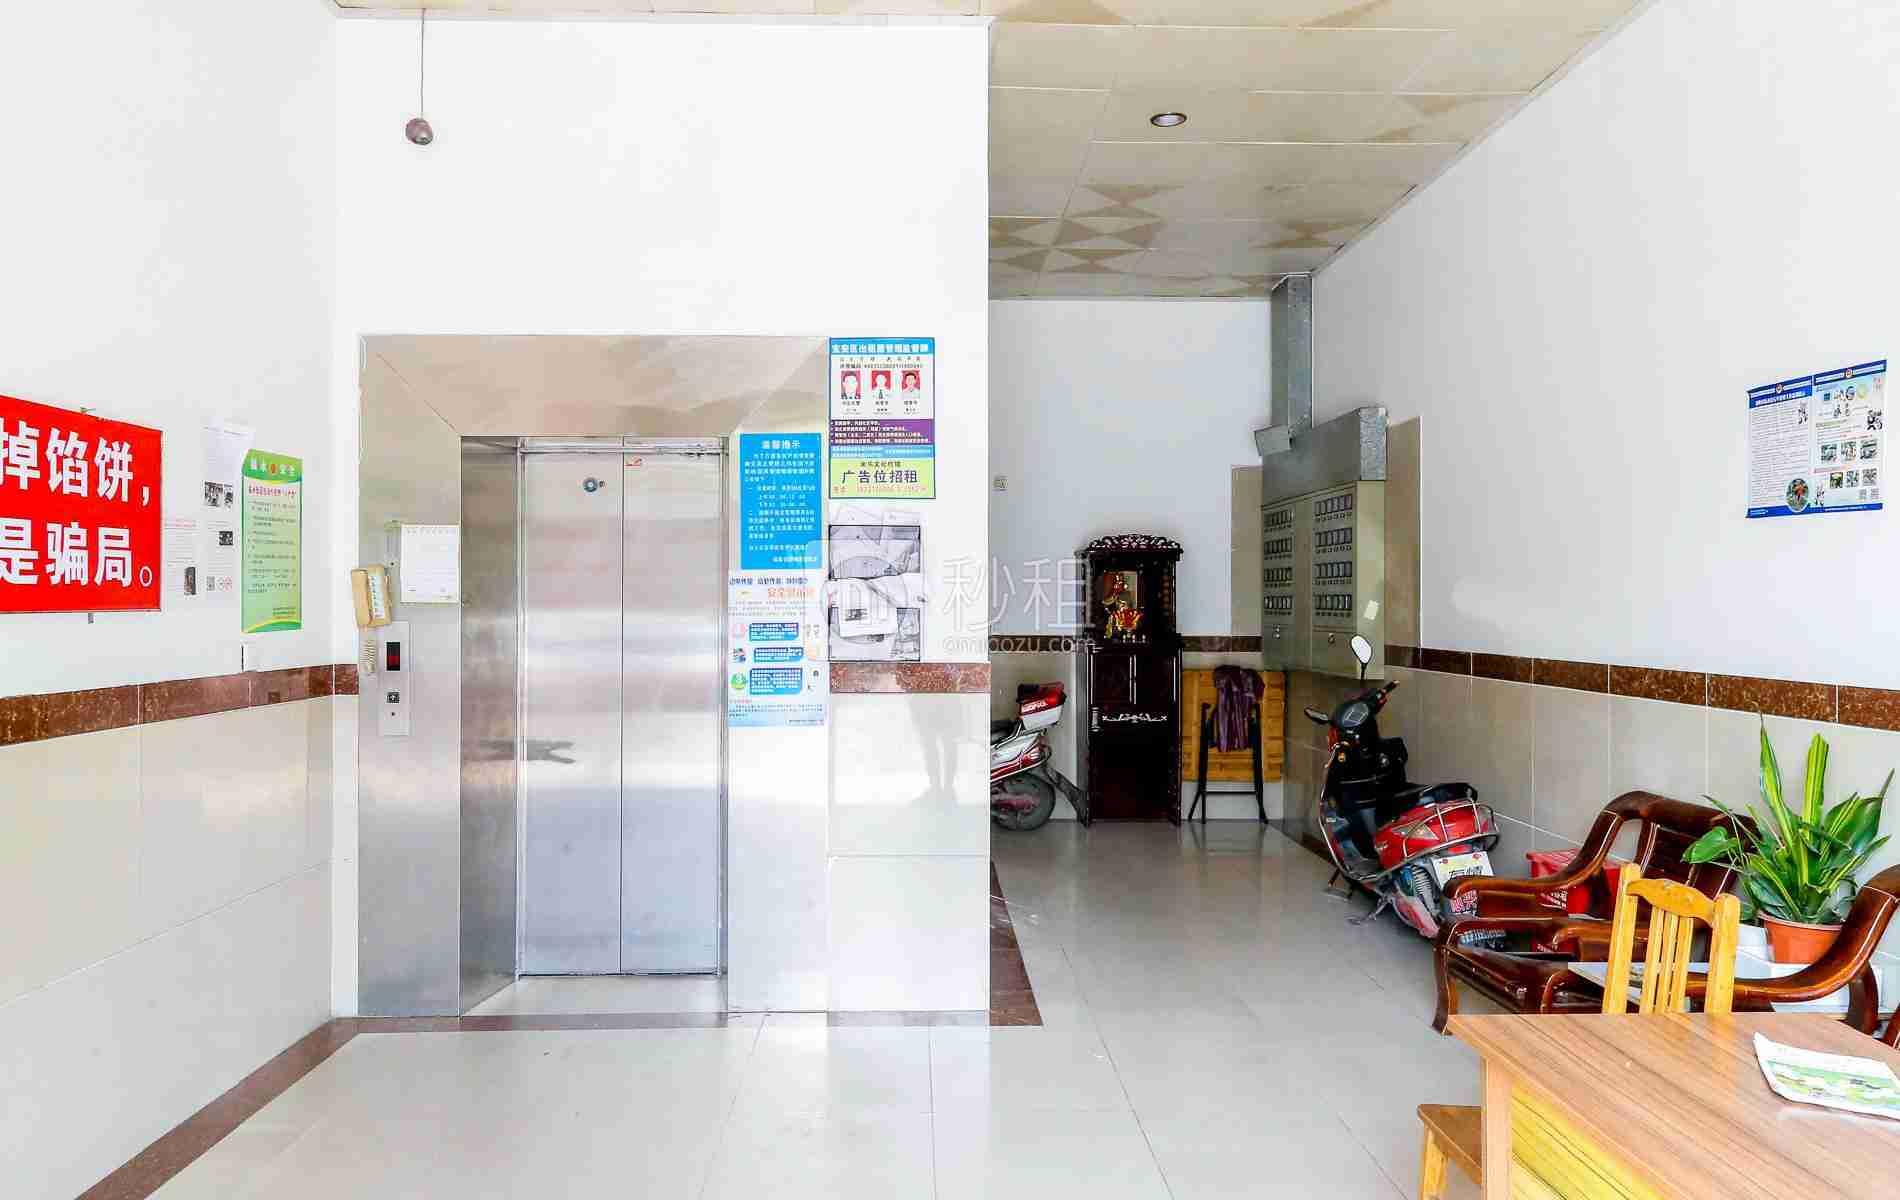 福馨商务中心写字楼出租/招租/租赁,福馨商务中心办公室出租/招租/租赁